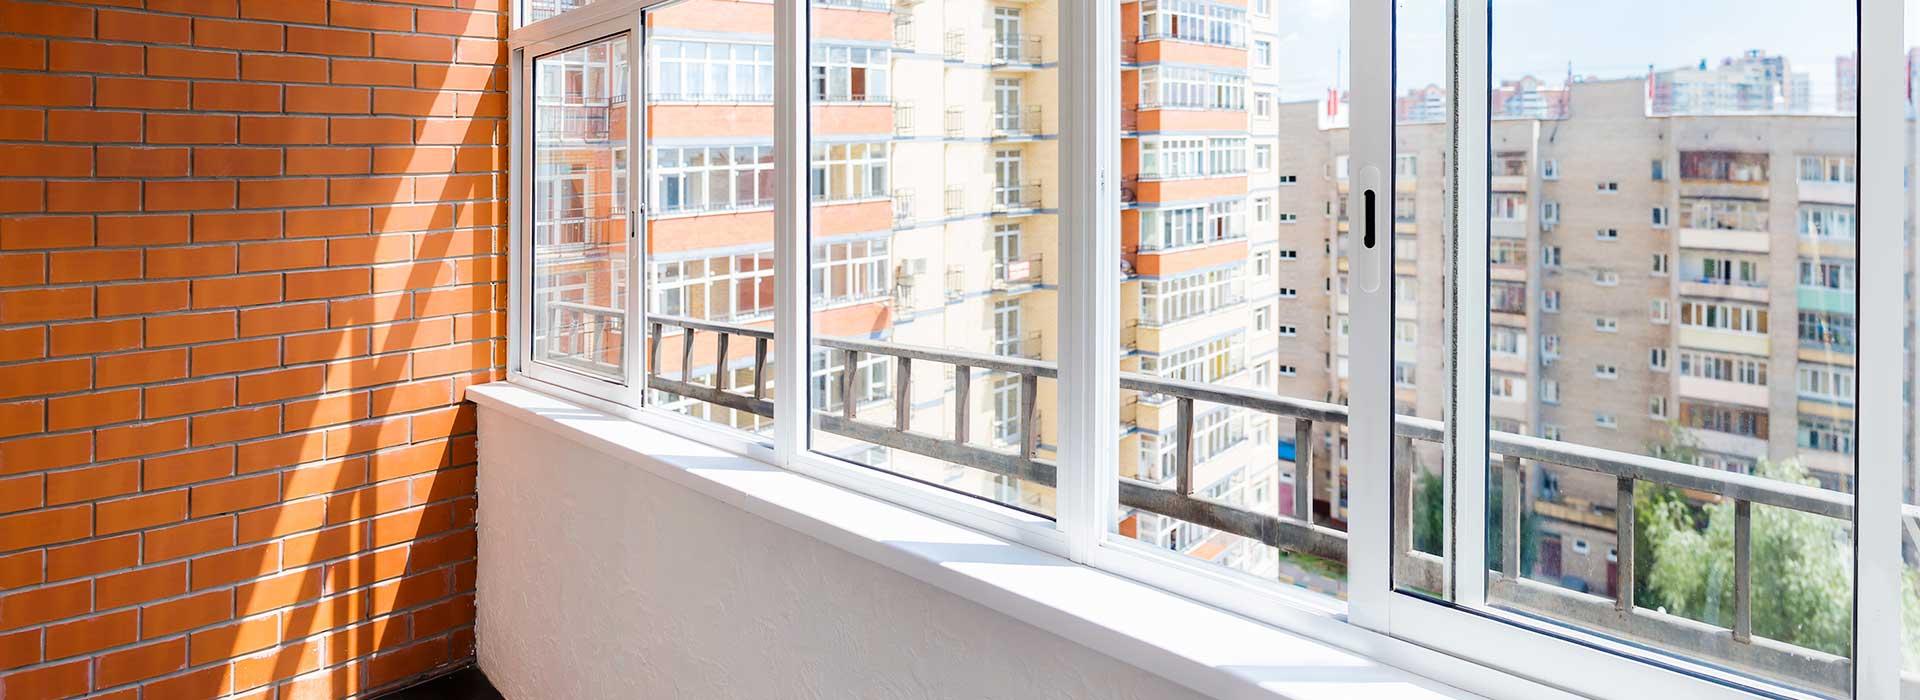 Instalación y venta de ventanas en Madrid. Ventanas ...